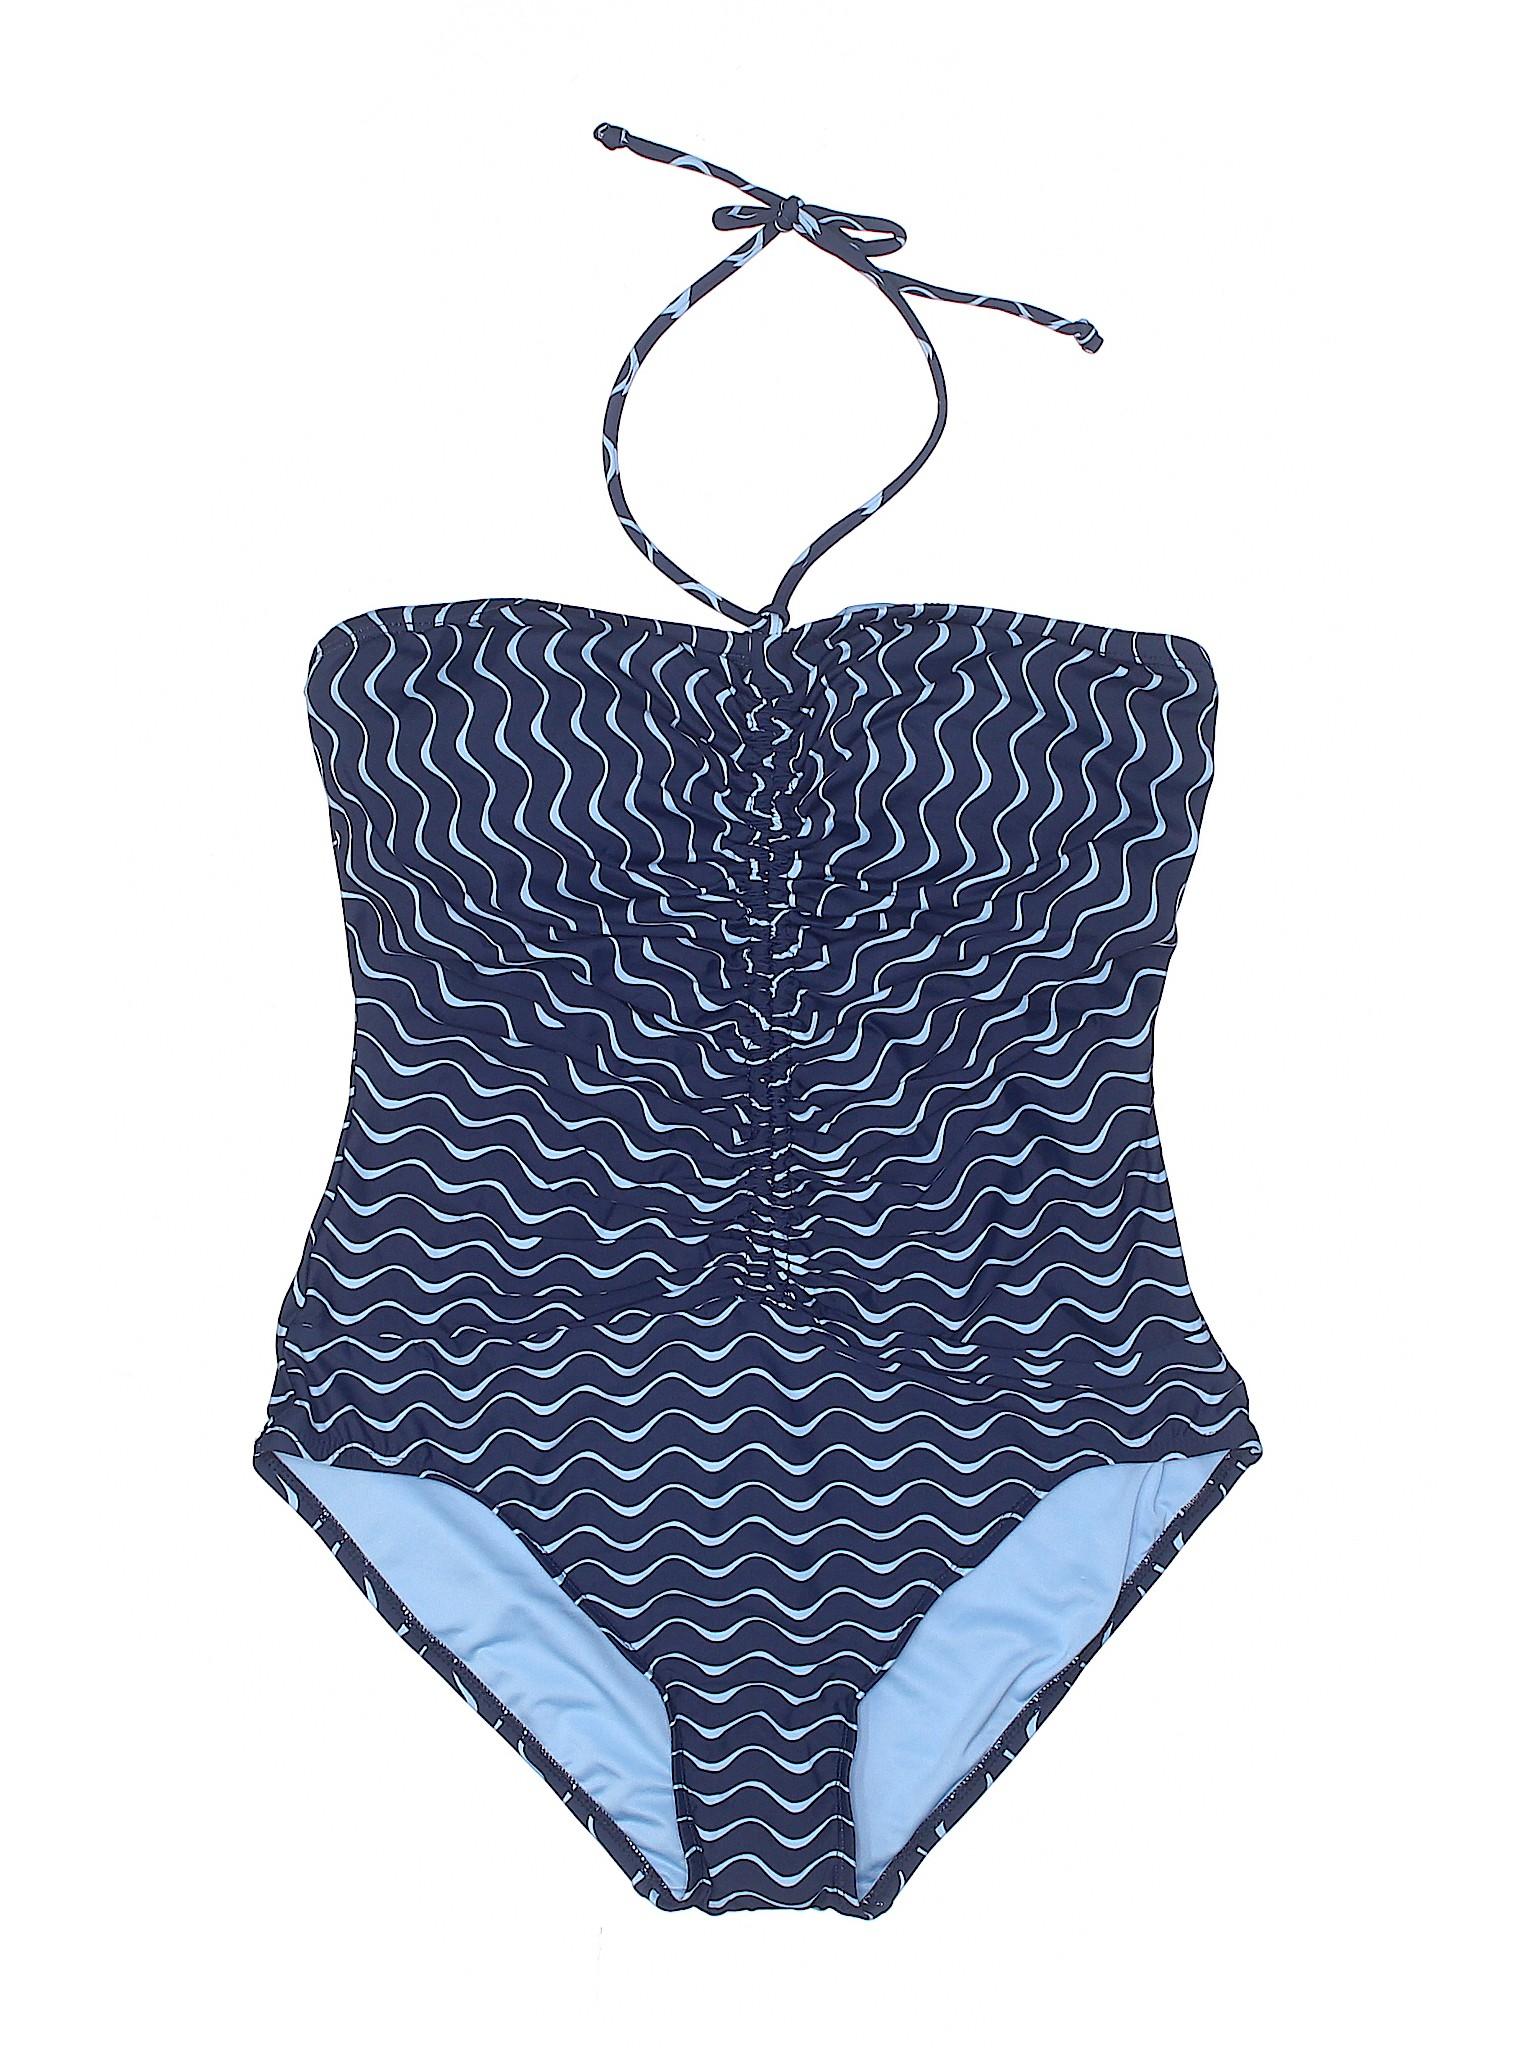 Swimsuit LOFT One Boutique Piece Taylor Ann T0Rwxqvp